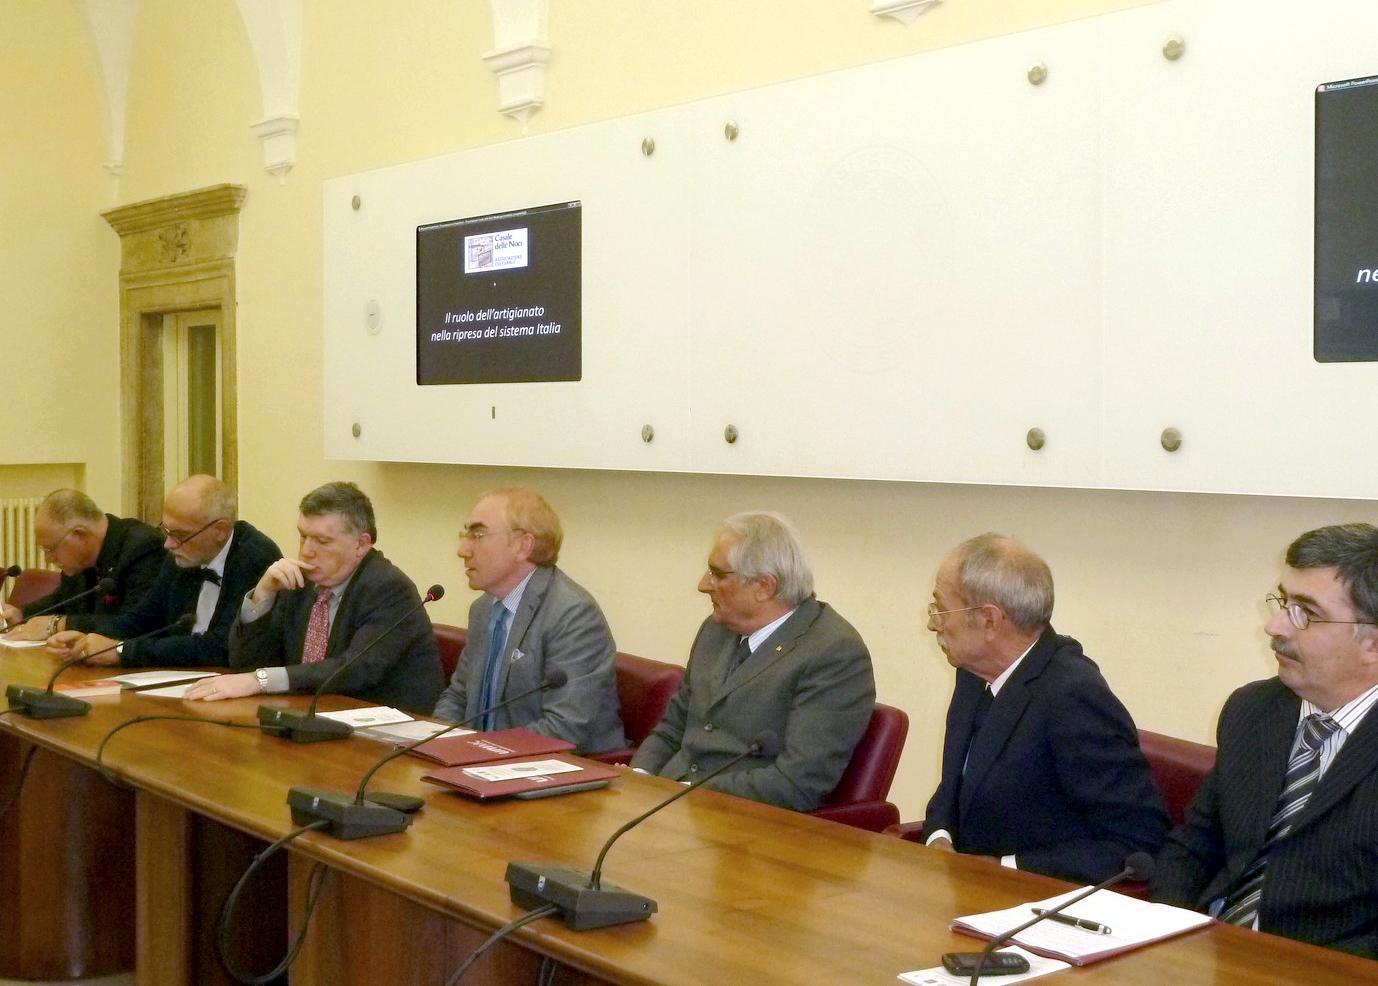 Da sin: Stefano Lucinato, Roberto Cresti, Roberto Lambertini, Luigi Lacchè, Sandro Bertini, Luigi Ricci, Assuero Zampini